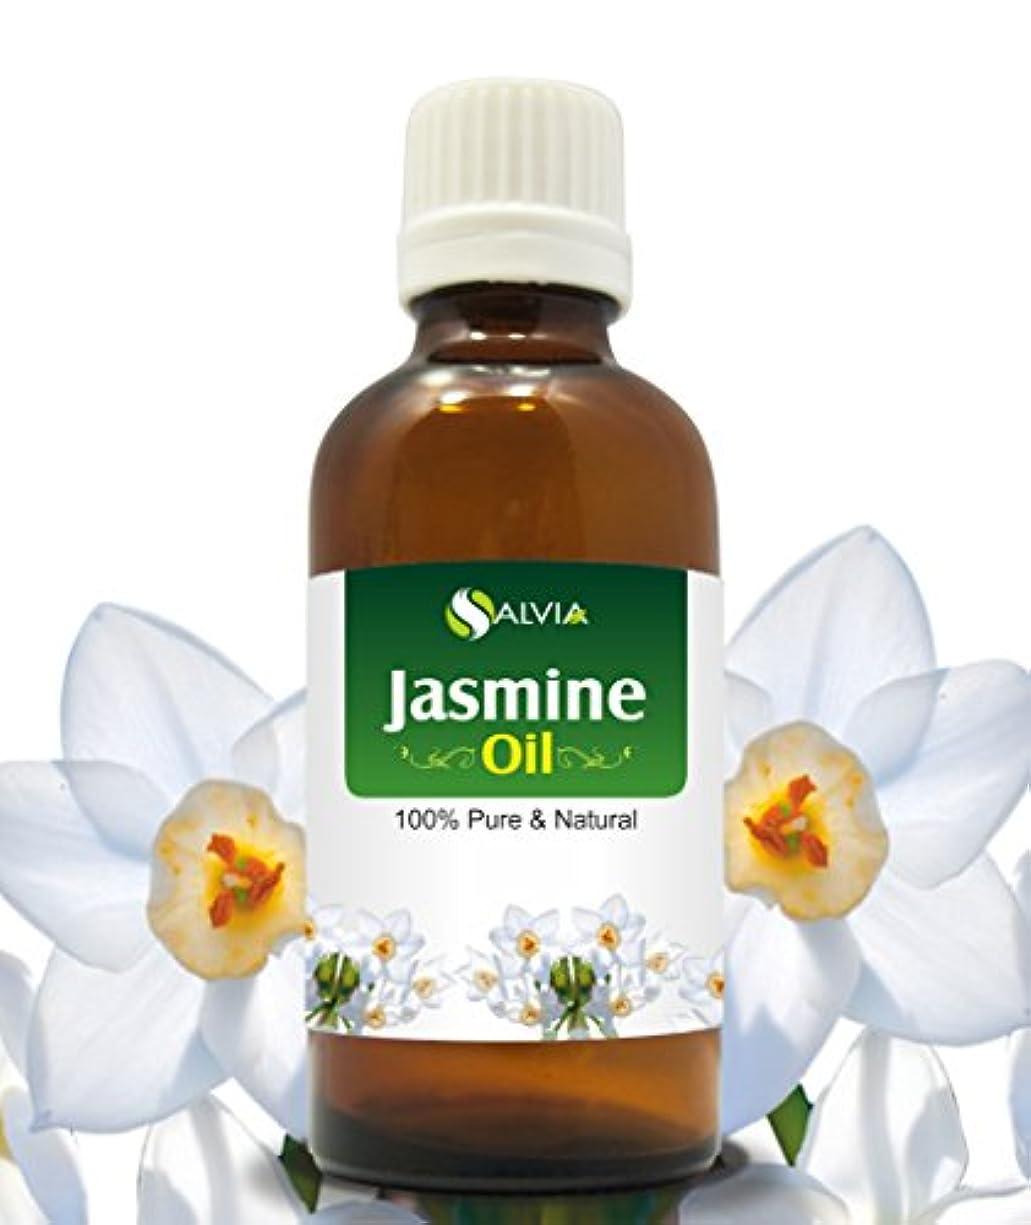 大使館添加剤であるJASMINE OIL 100% NATURAL PURE UNDILUTED UNCUT ESSENTIAL OILS 50ML